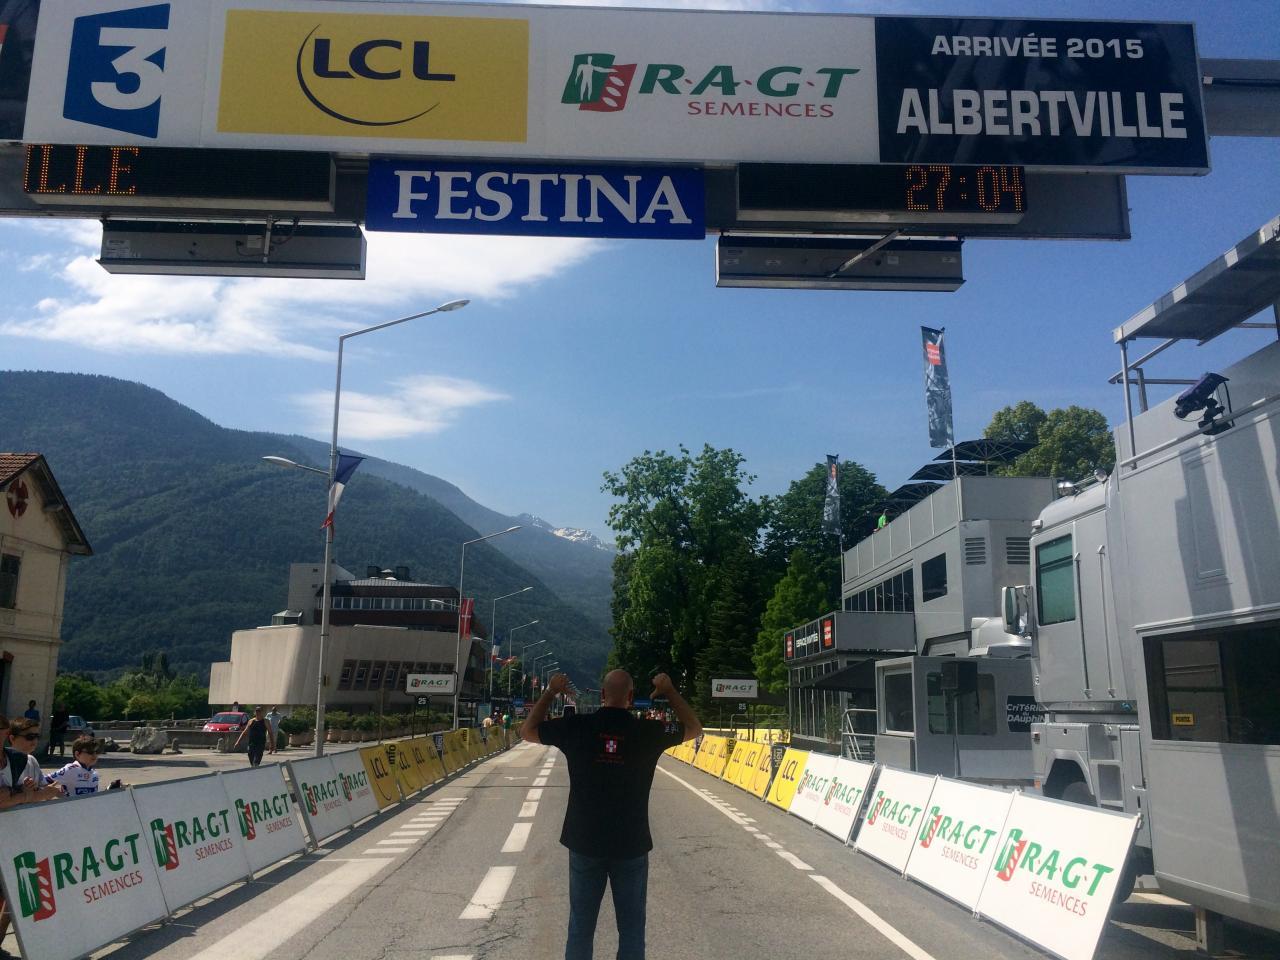 Taxi Albertville Di Tullio sur la ligne d'arrivée critérium 2015.